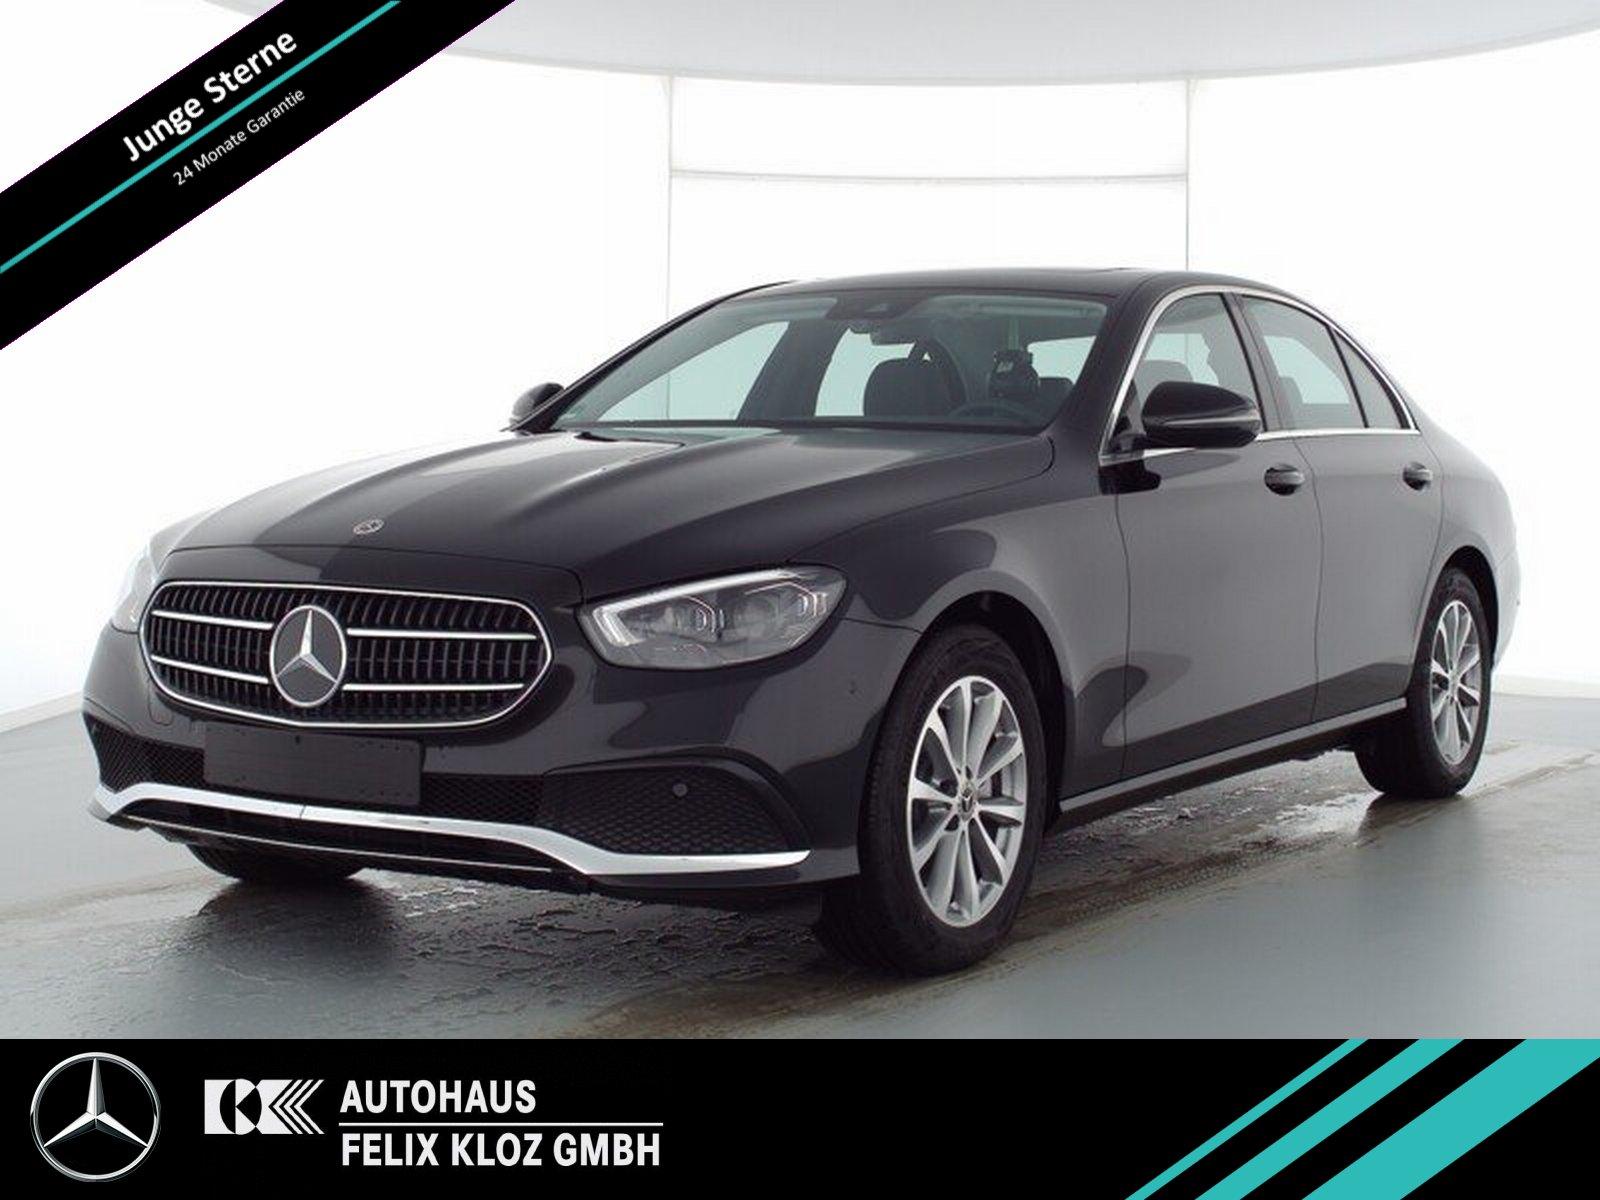 Mercedes-Benz E 300 d 4M Avantgarde*Multibeam LED*Kamera*Navi*, Jahr 2021, Diesel